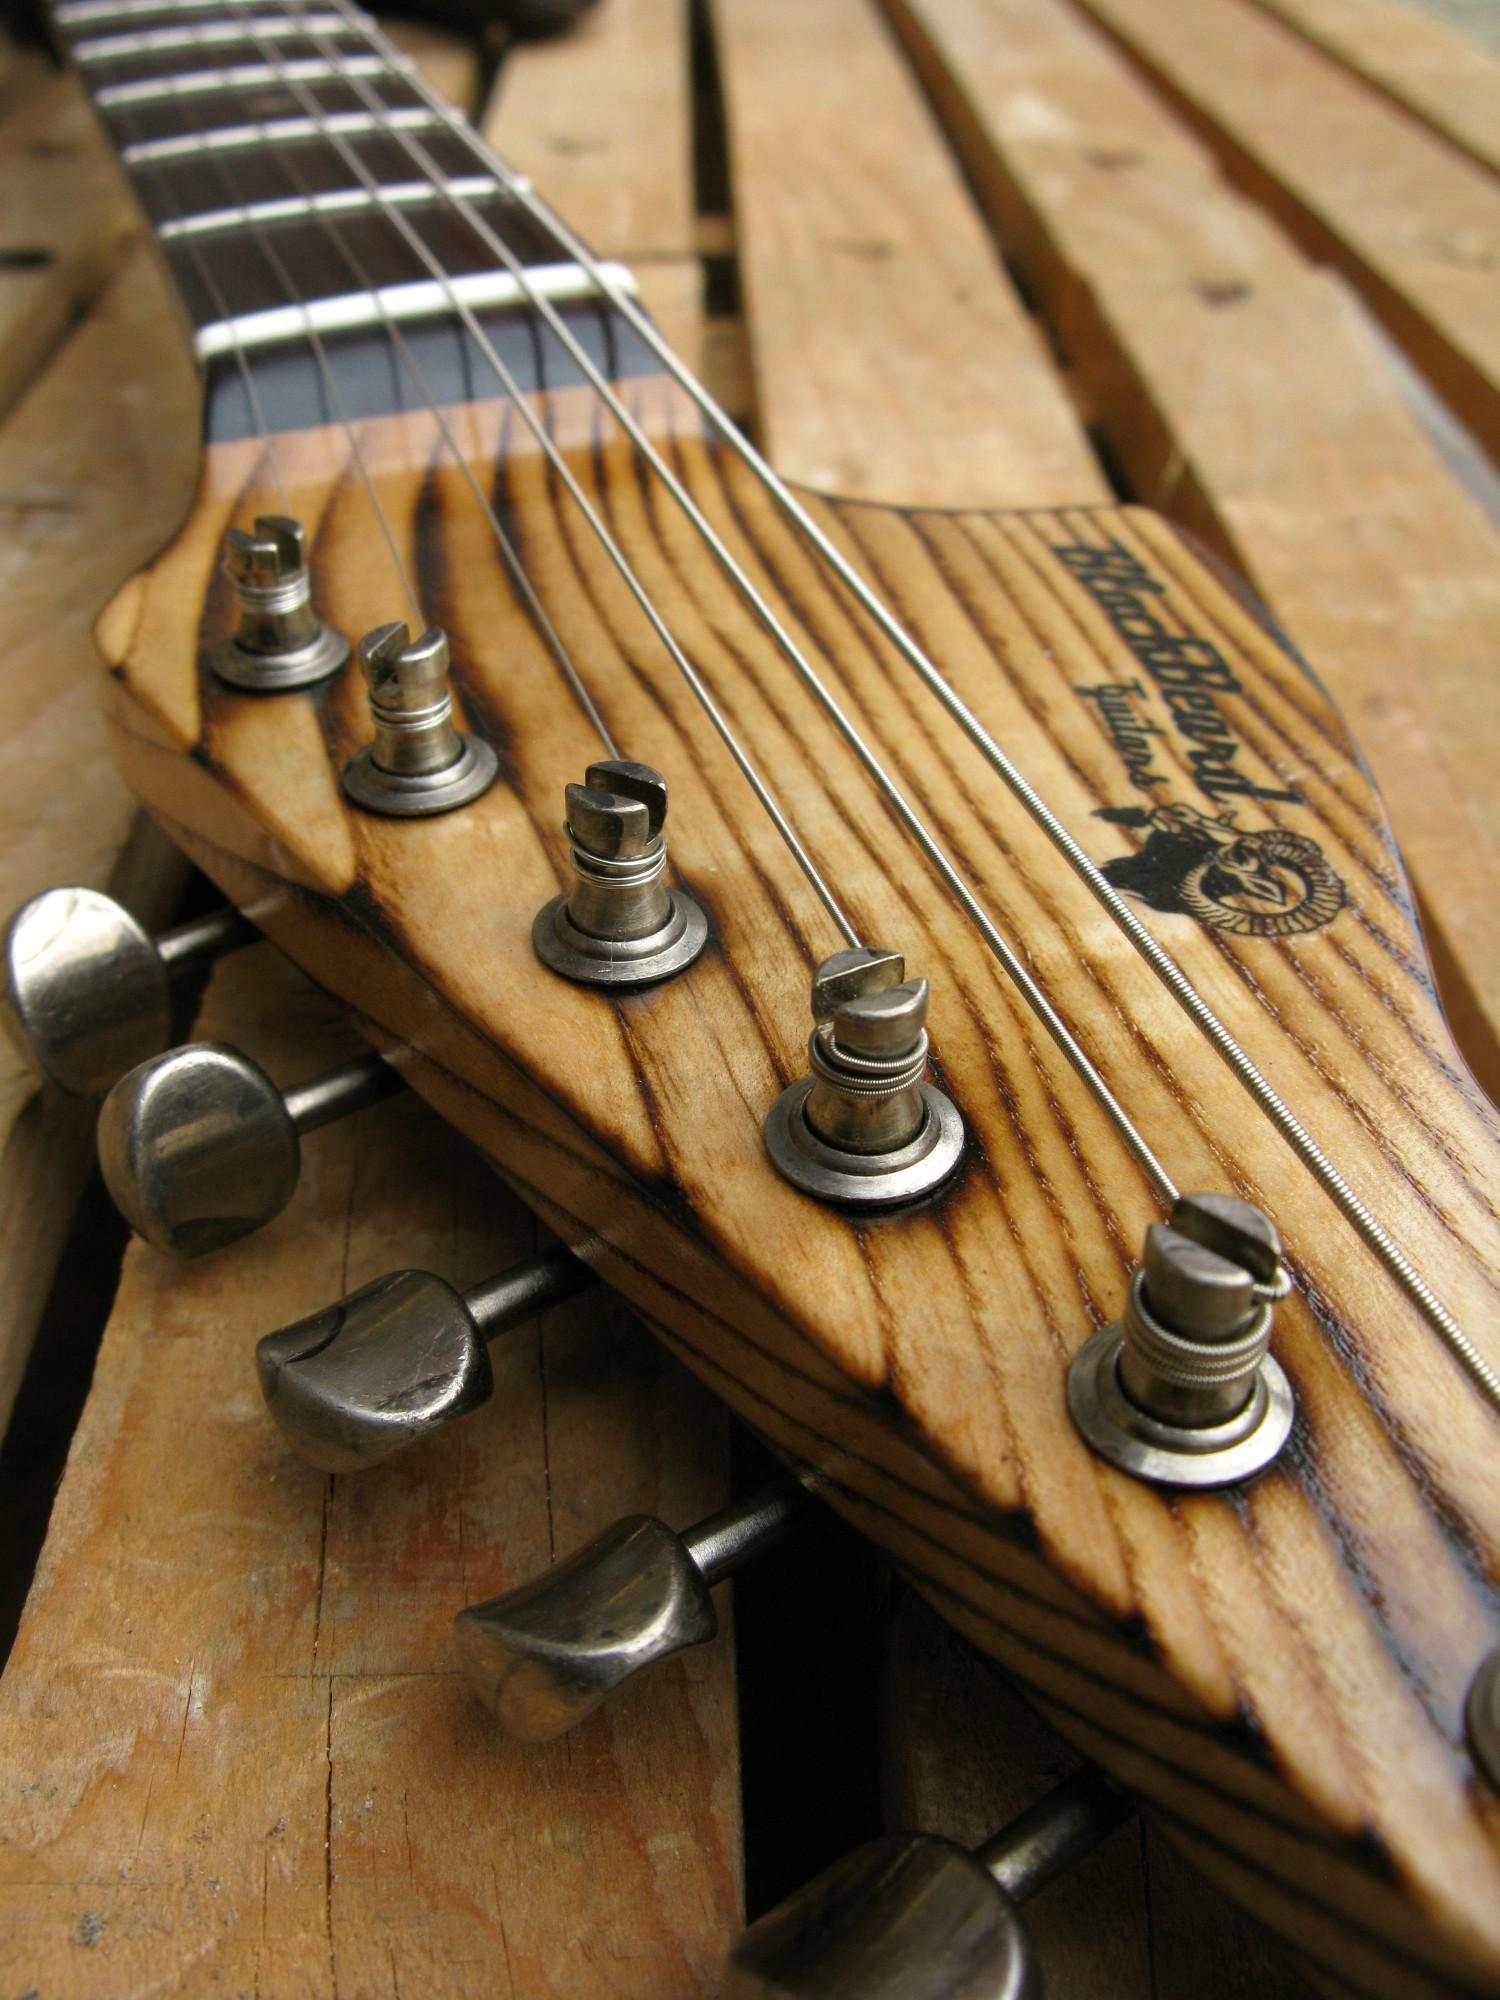 Chitarra modello Stratocaster, body in pino, manico in frassino, reverse: paletta e meccaniche